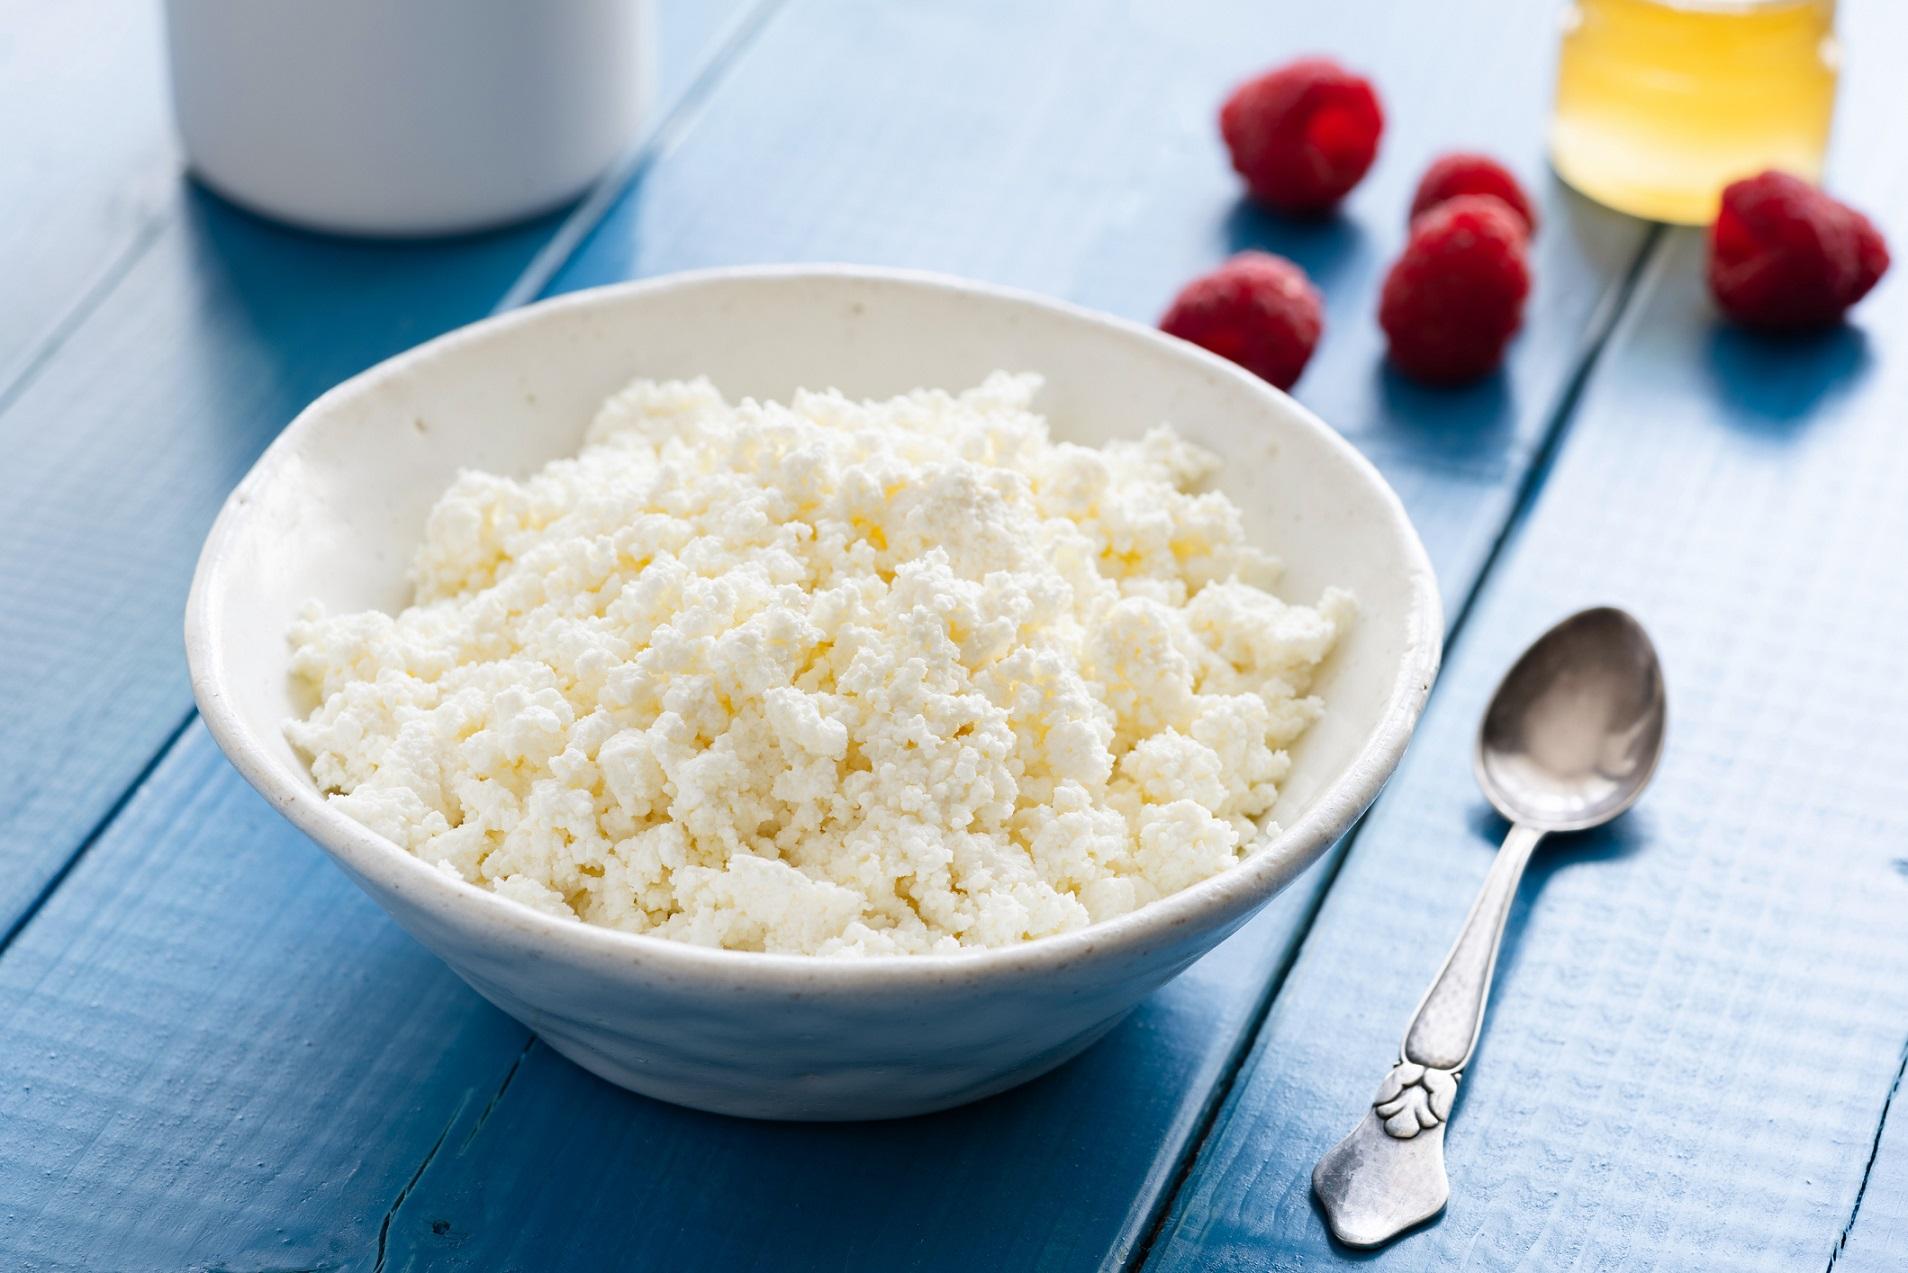 「カッテージチーズ」が筋トレ後におすすめの食べ物である理由